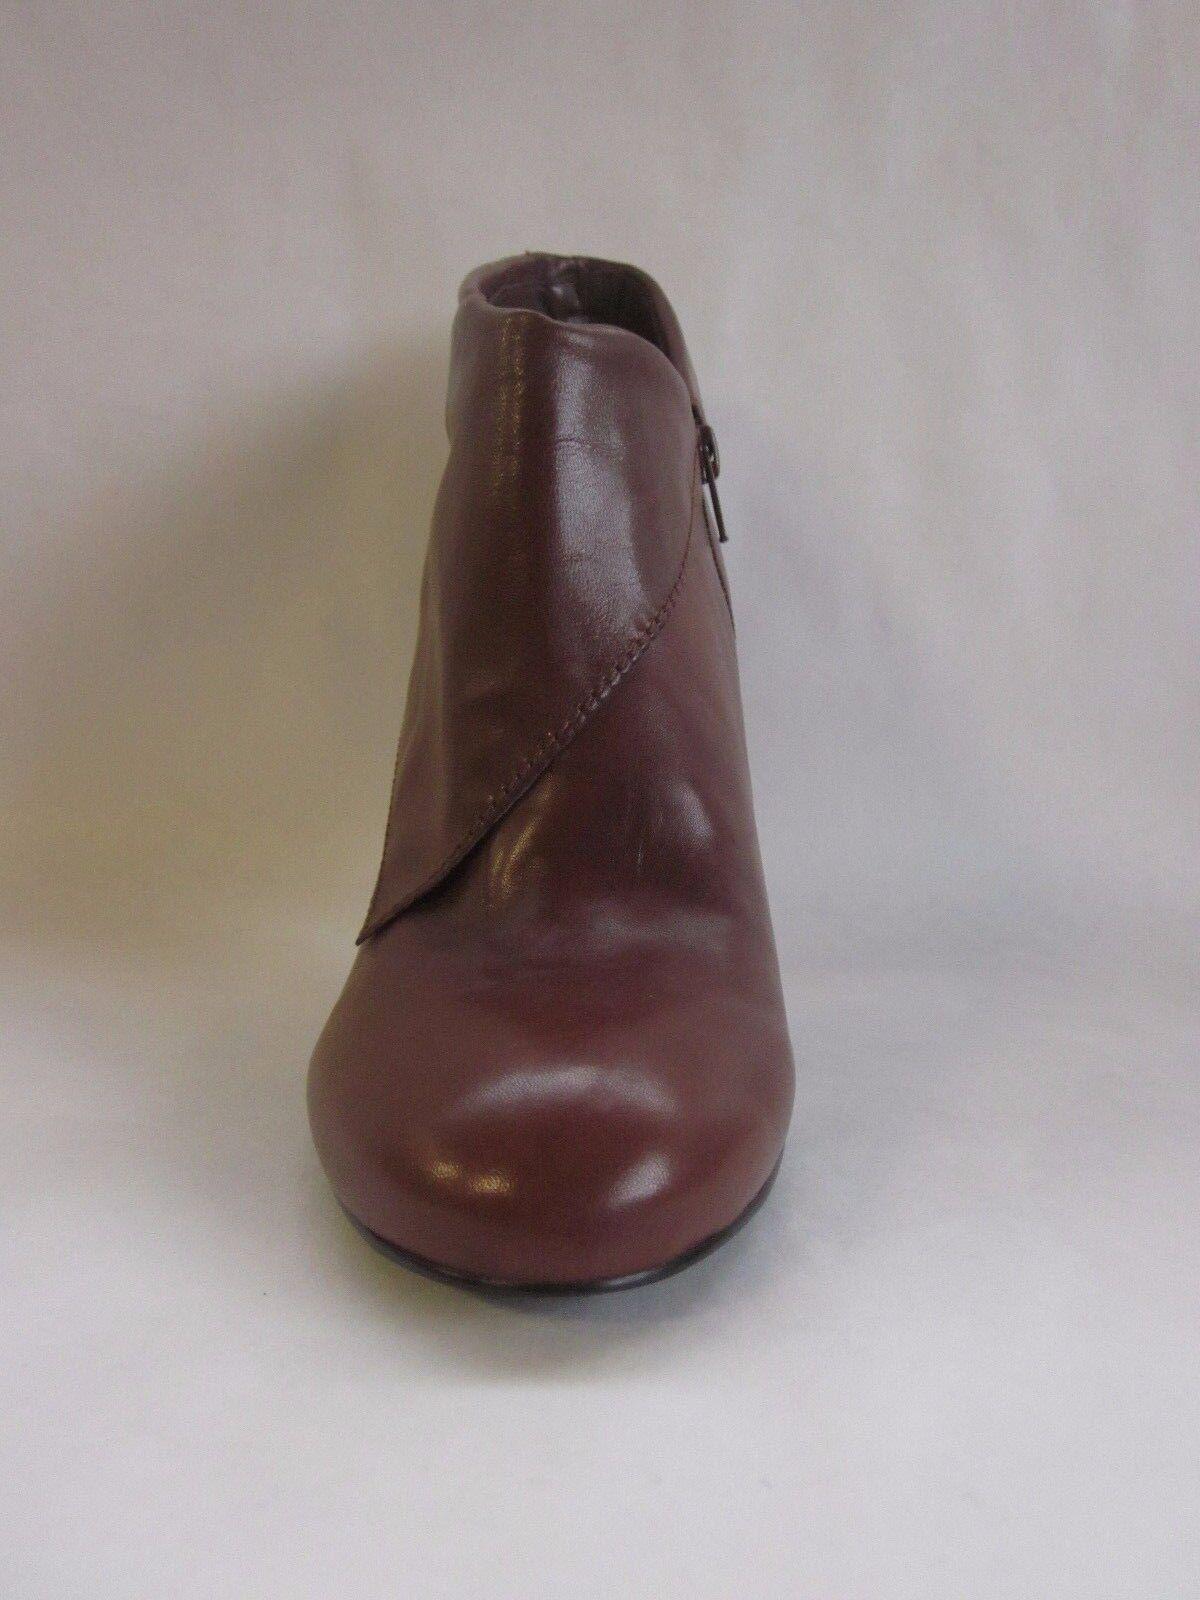 Nine West Zelman Dark Natural Ankle Boots - size 10.5